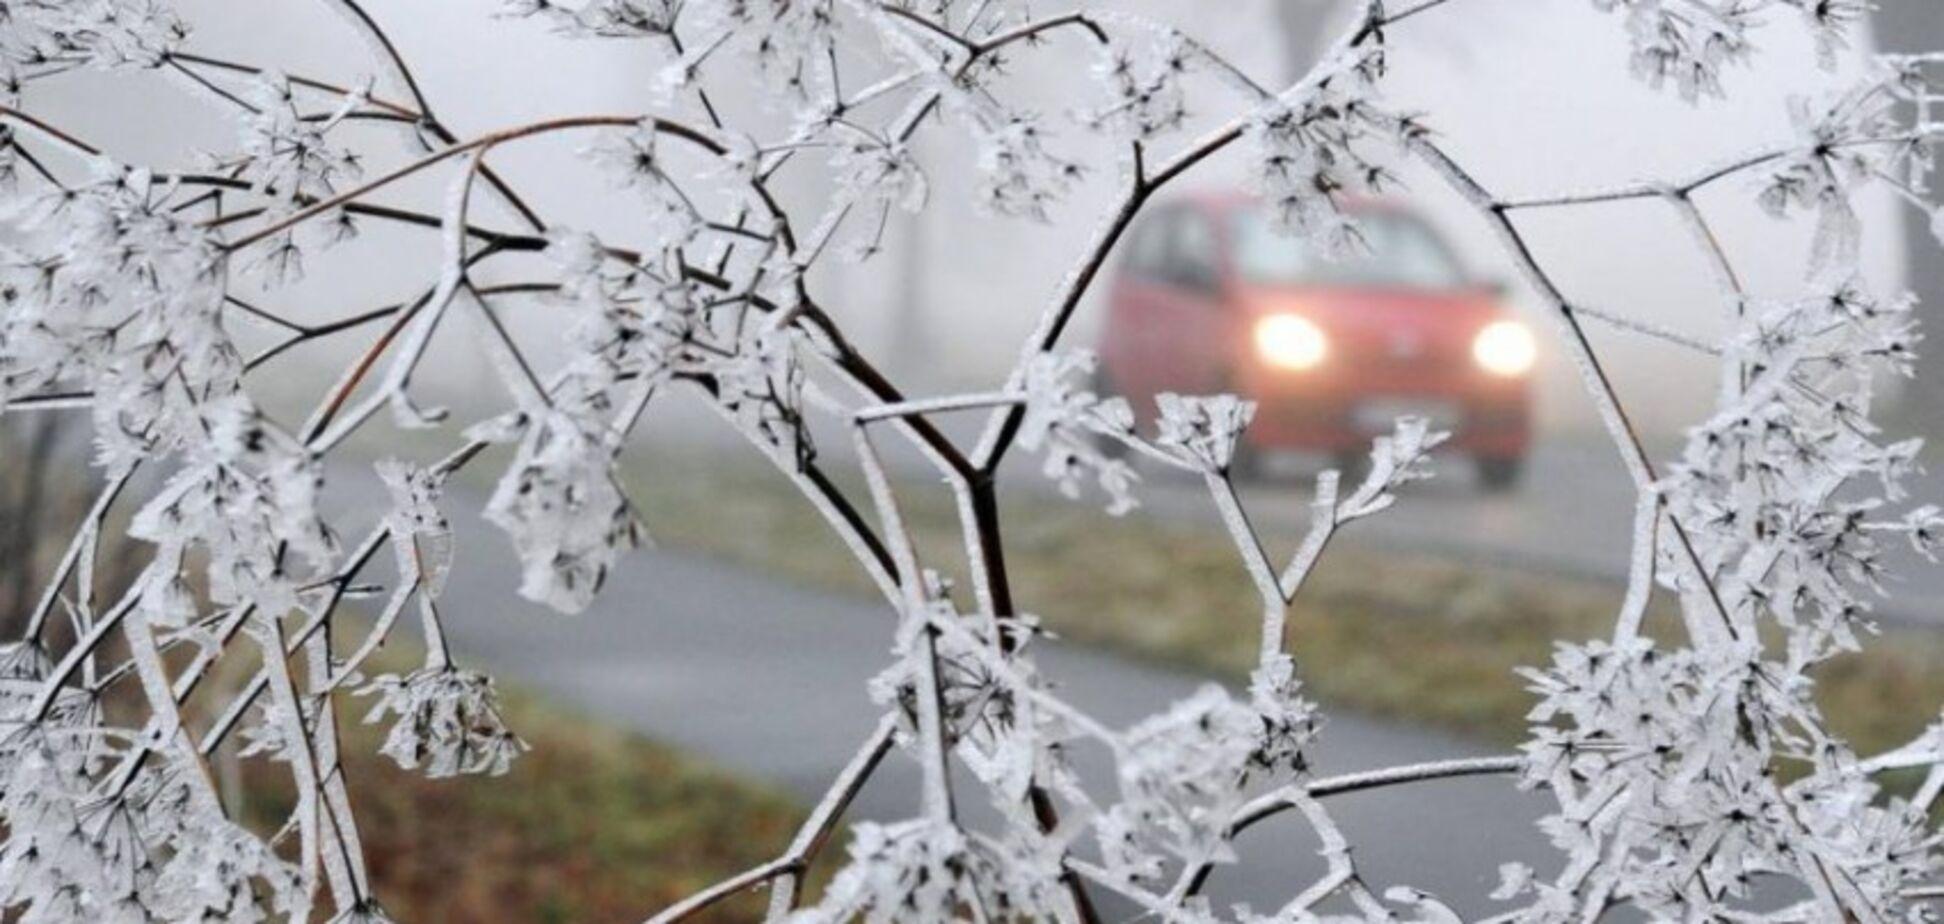 Увірветься зима: синоптики попередили про різке похолодання в Україні